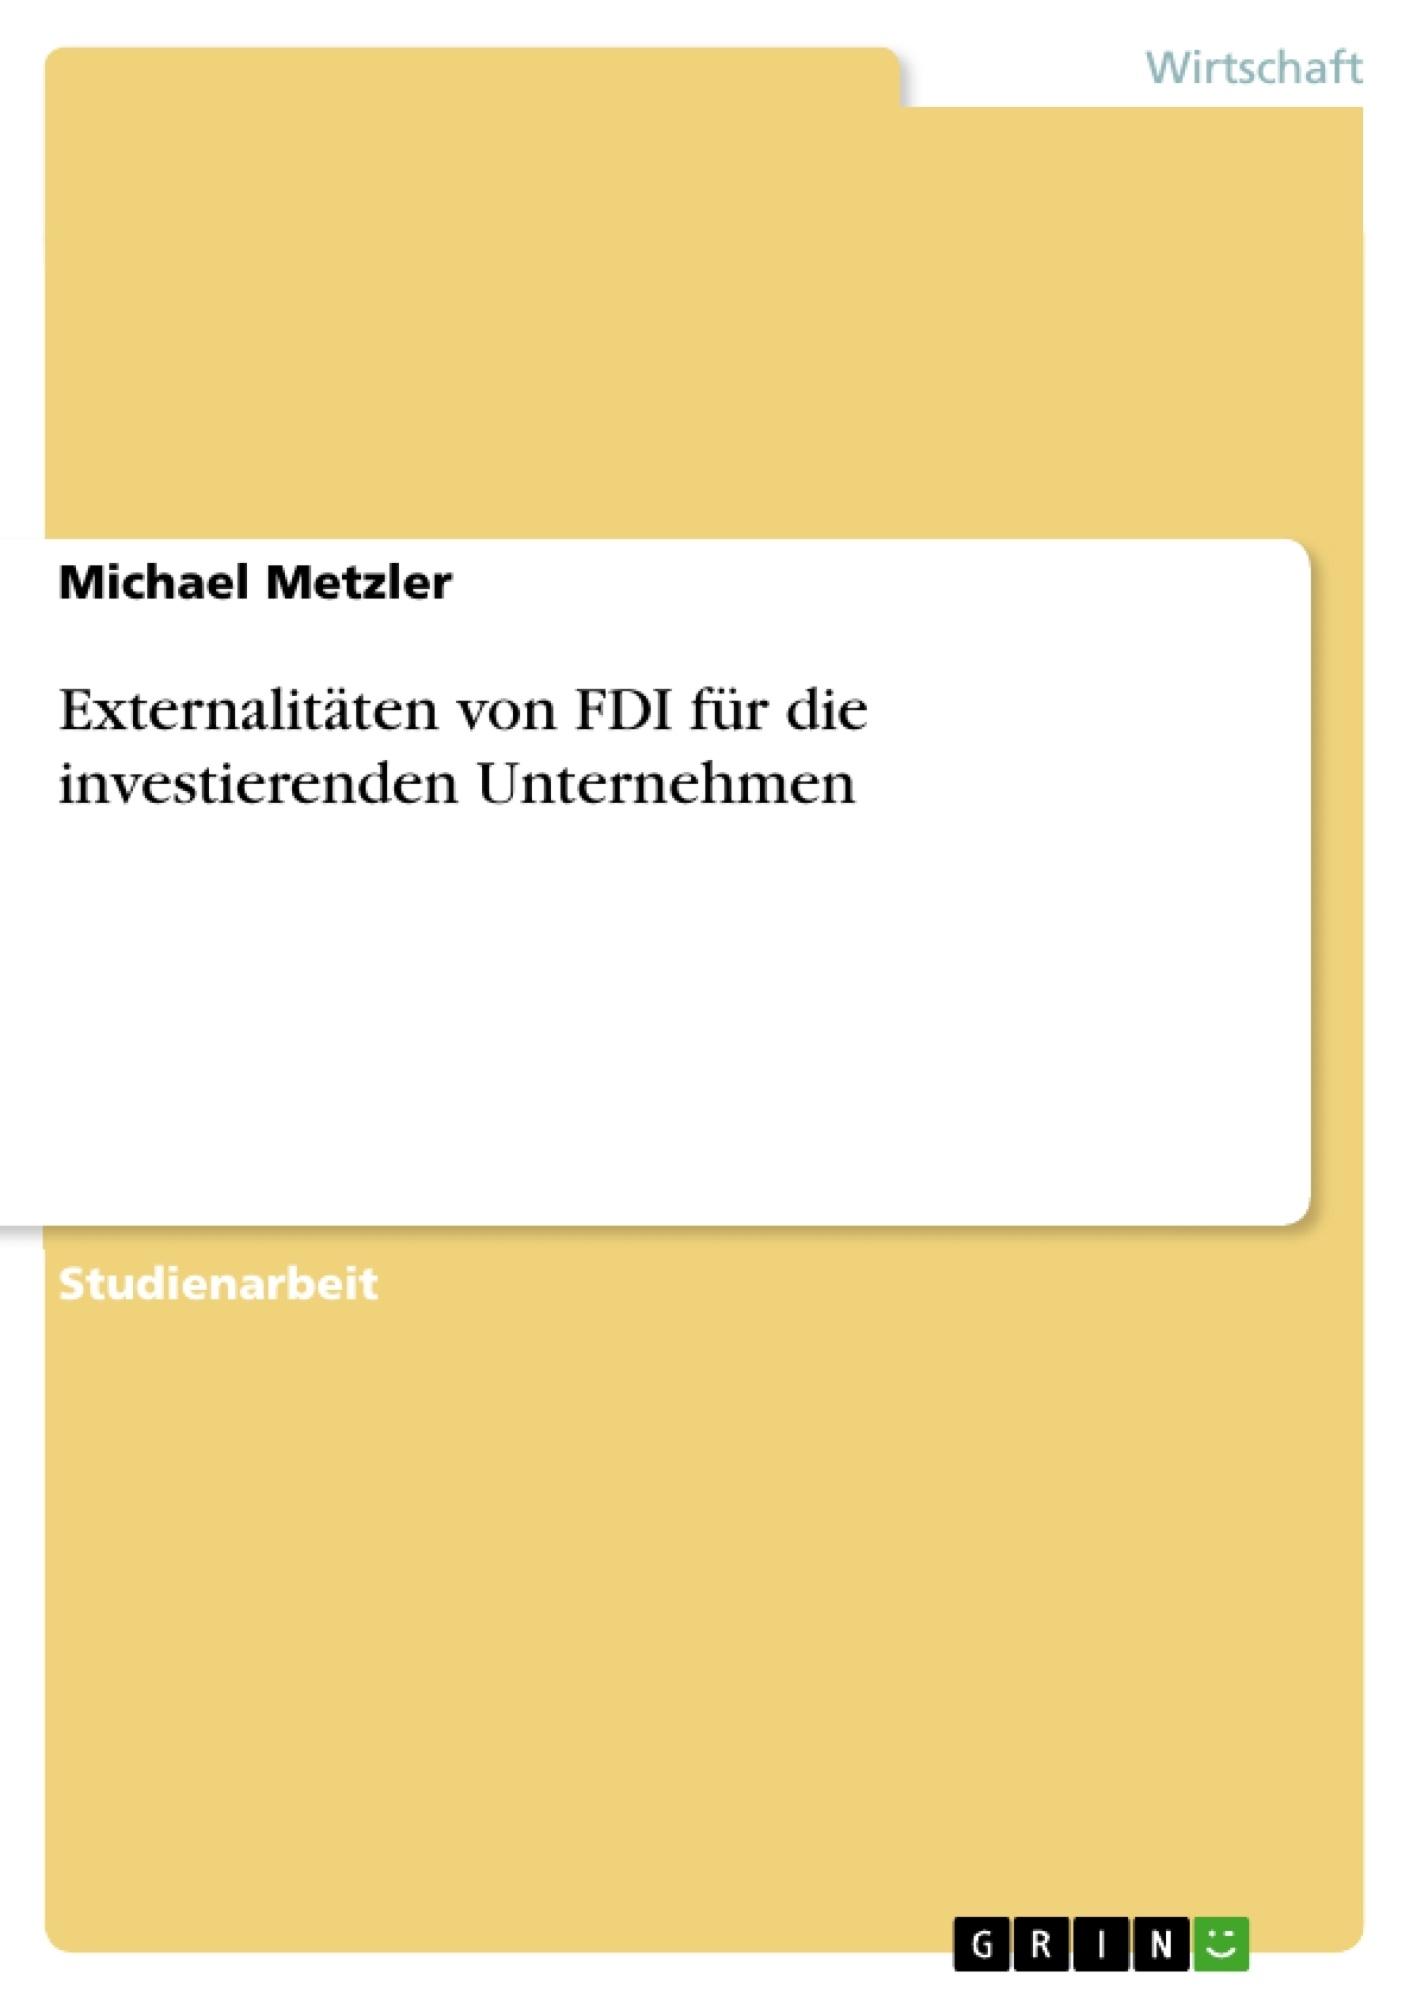 Titel: Externalitäten von FDI für die investierenden Unternehmen